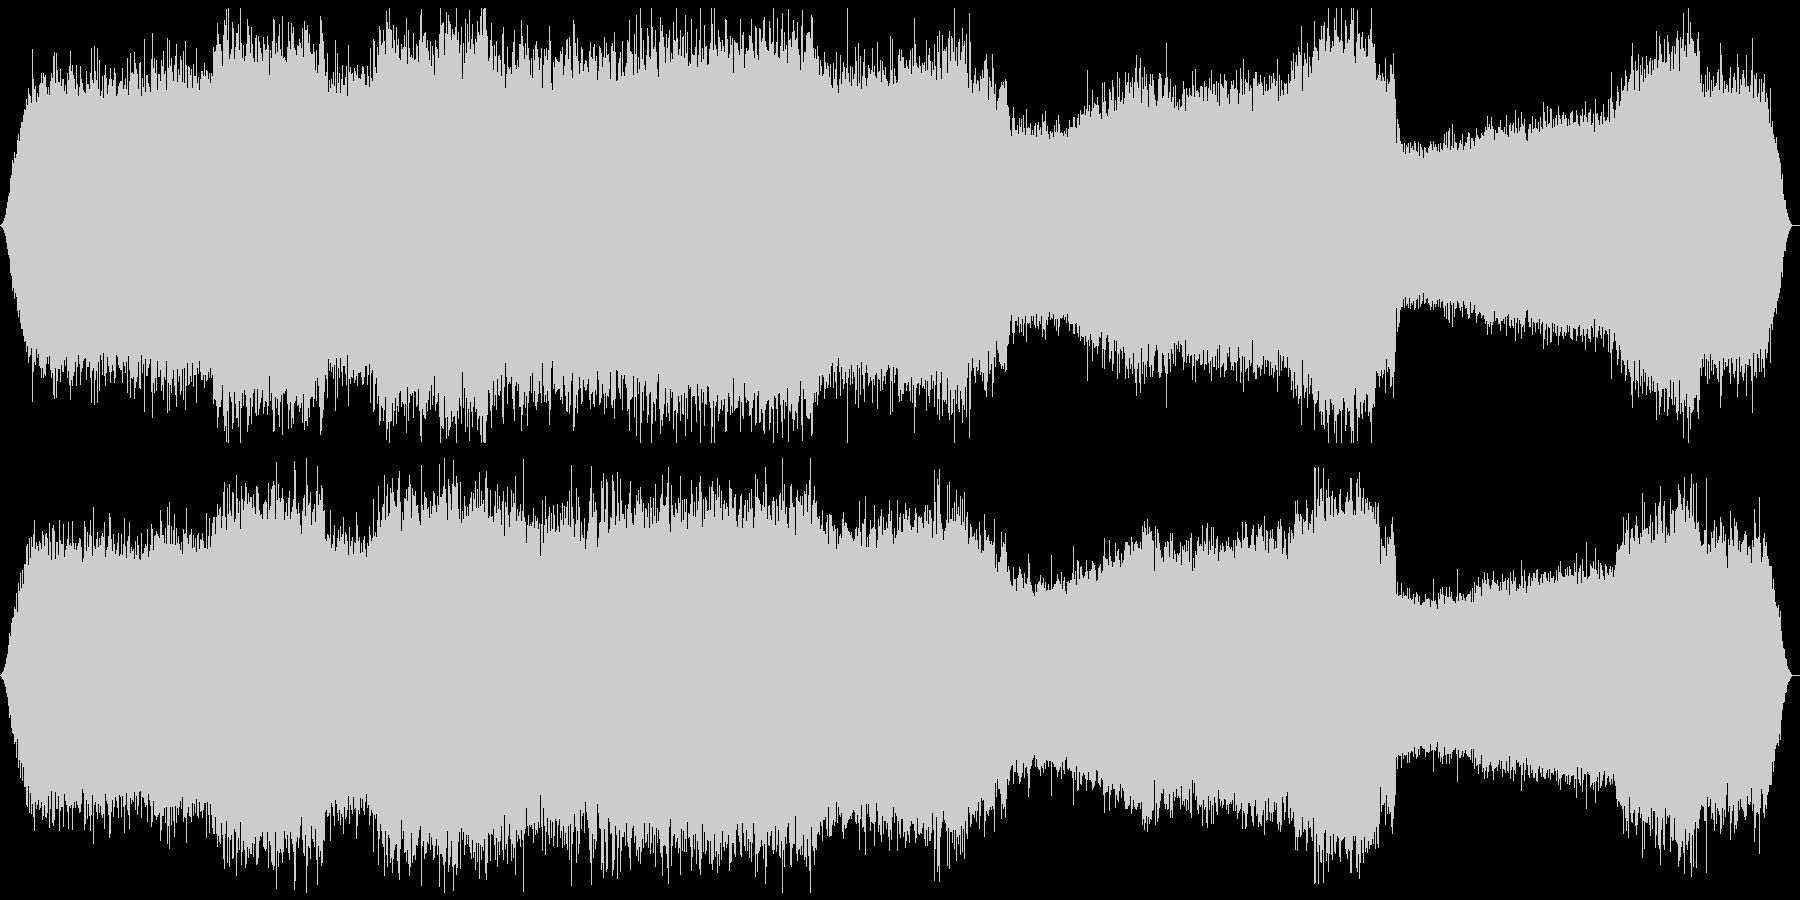 ミーンミーン 北海道の蝉 音景色 その5の未再生の波形